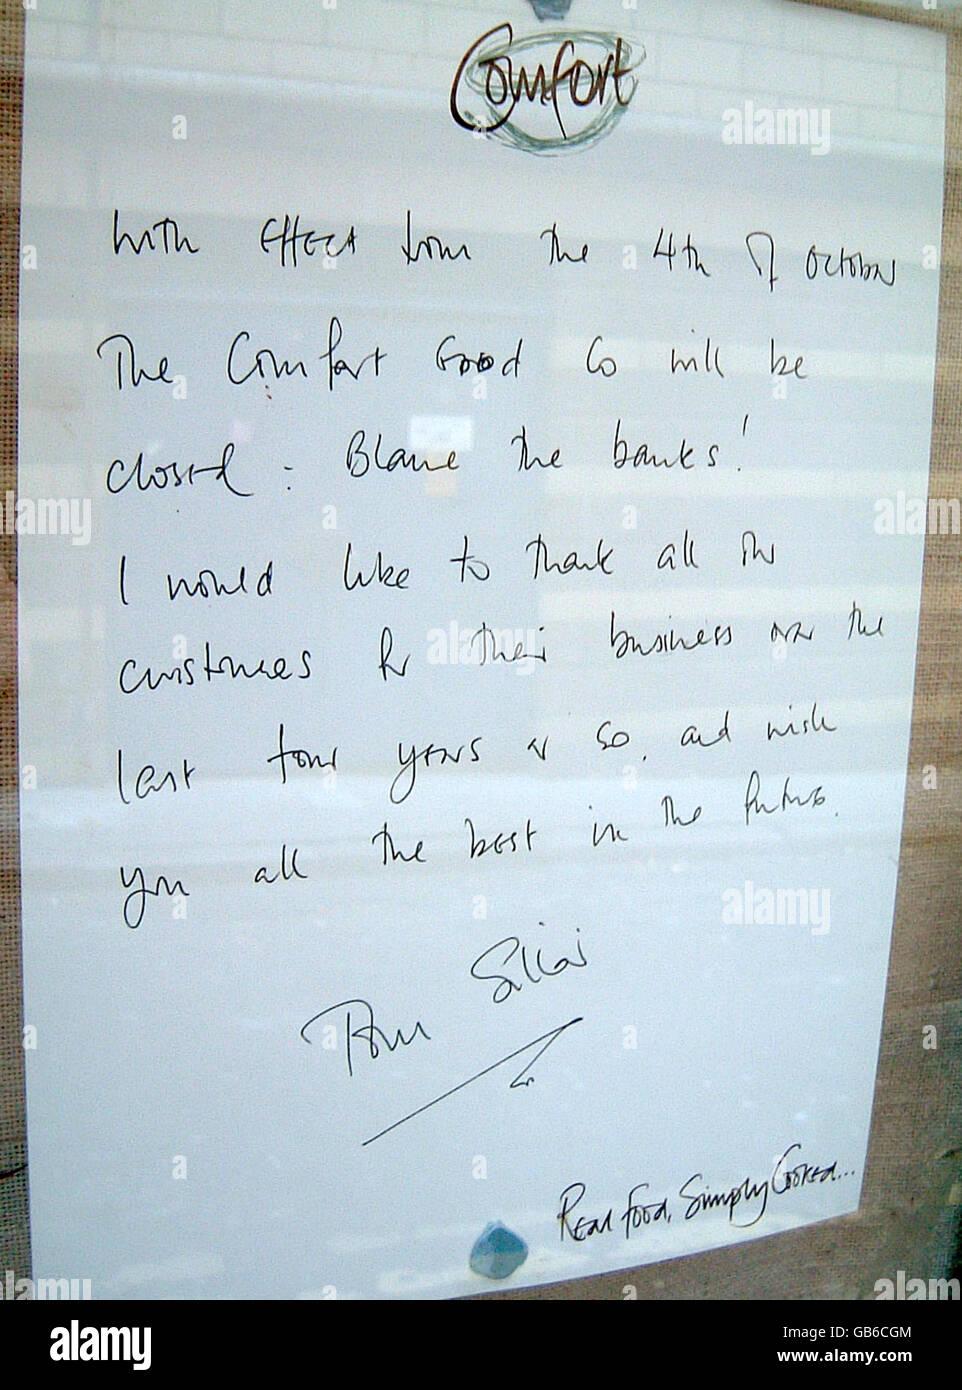 Il ristorante è costretto a chiudere in mezzo alle crisi economica Immagini Stock